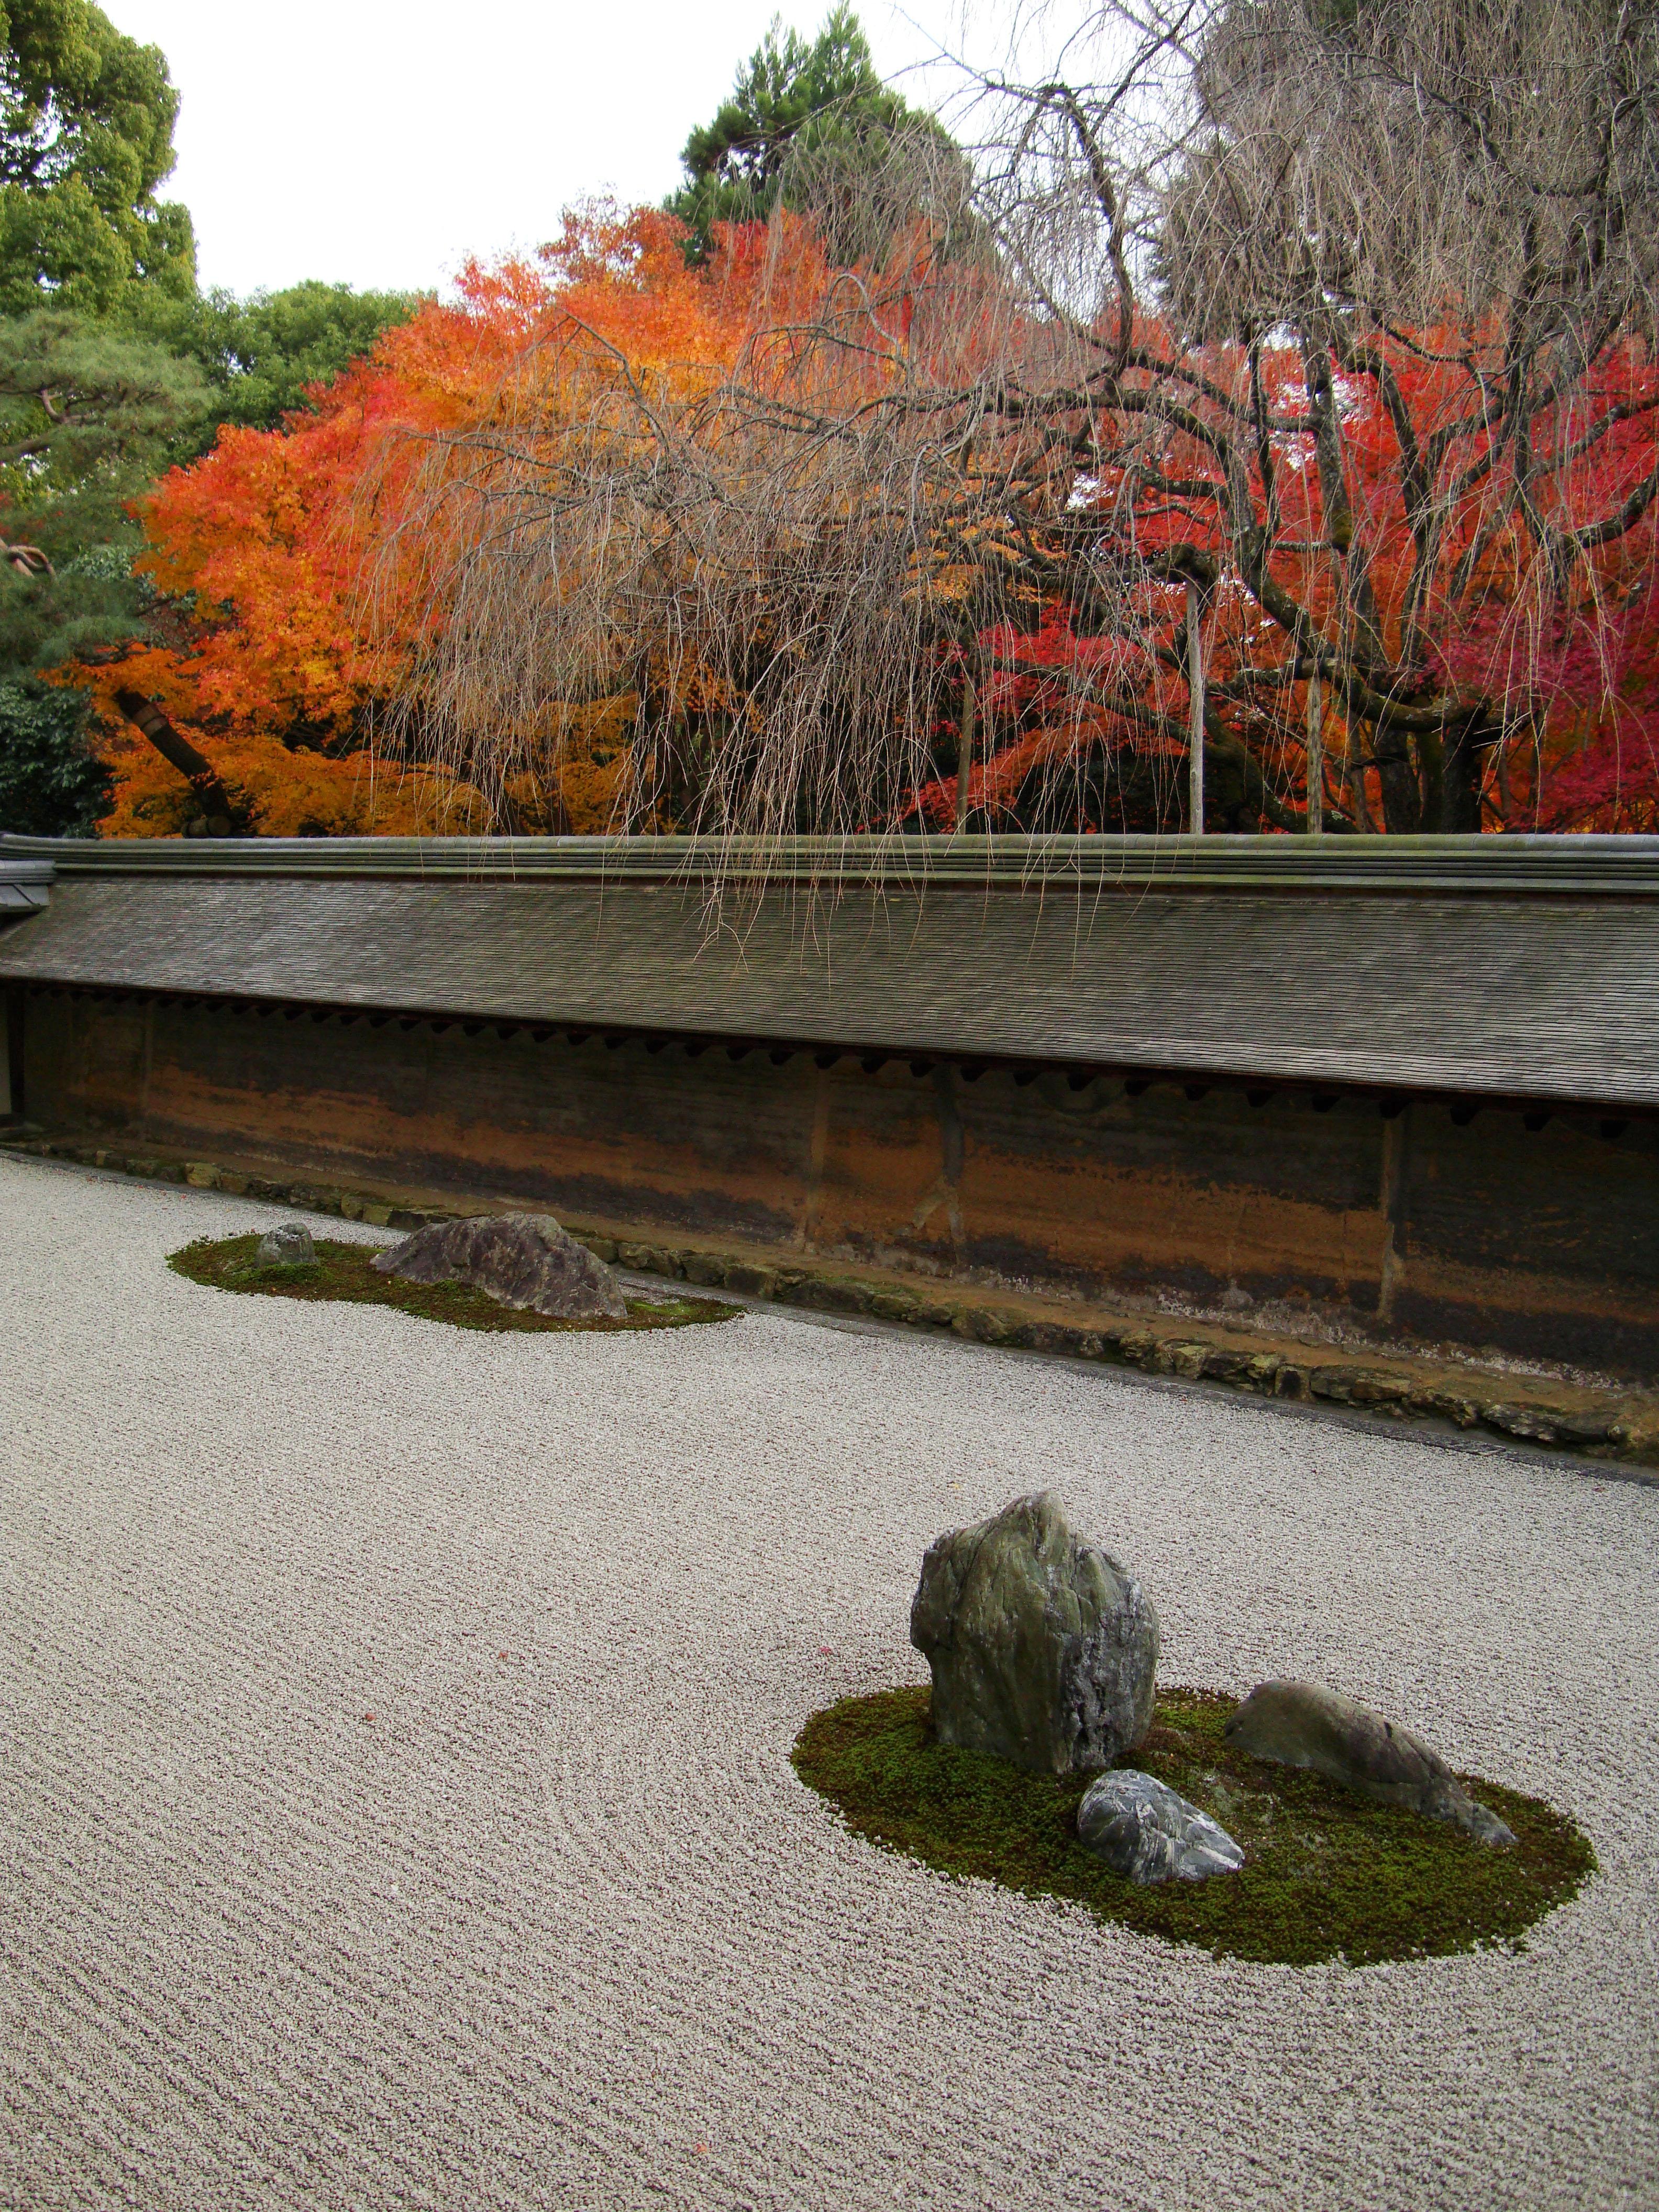 Ryoan Ji Hojo Teien Karesansui Zen Rock Garden Kyoto Japan Nov 2009 12